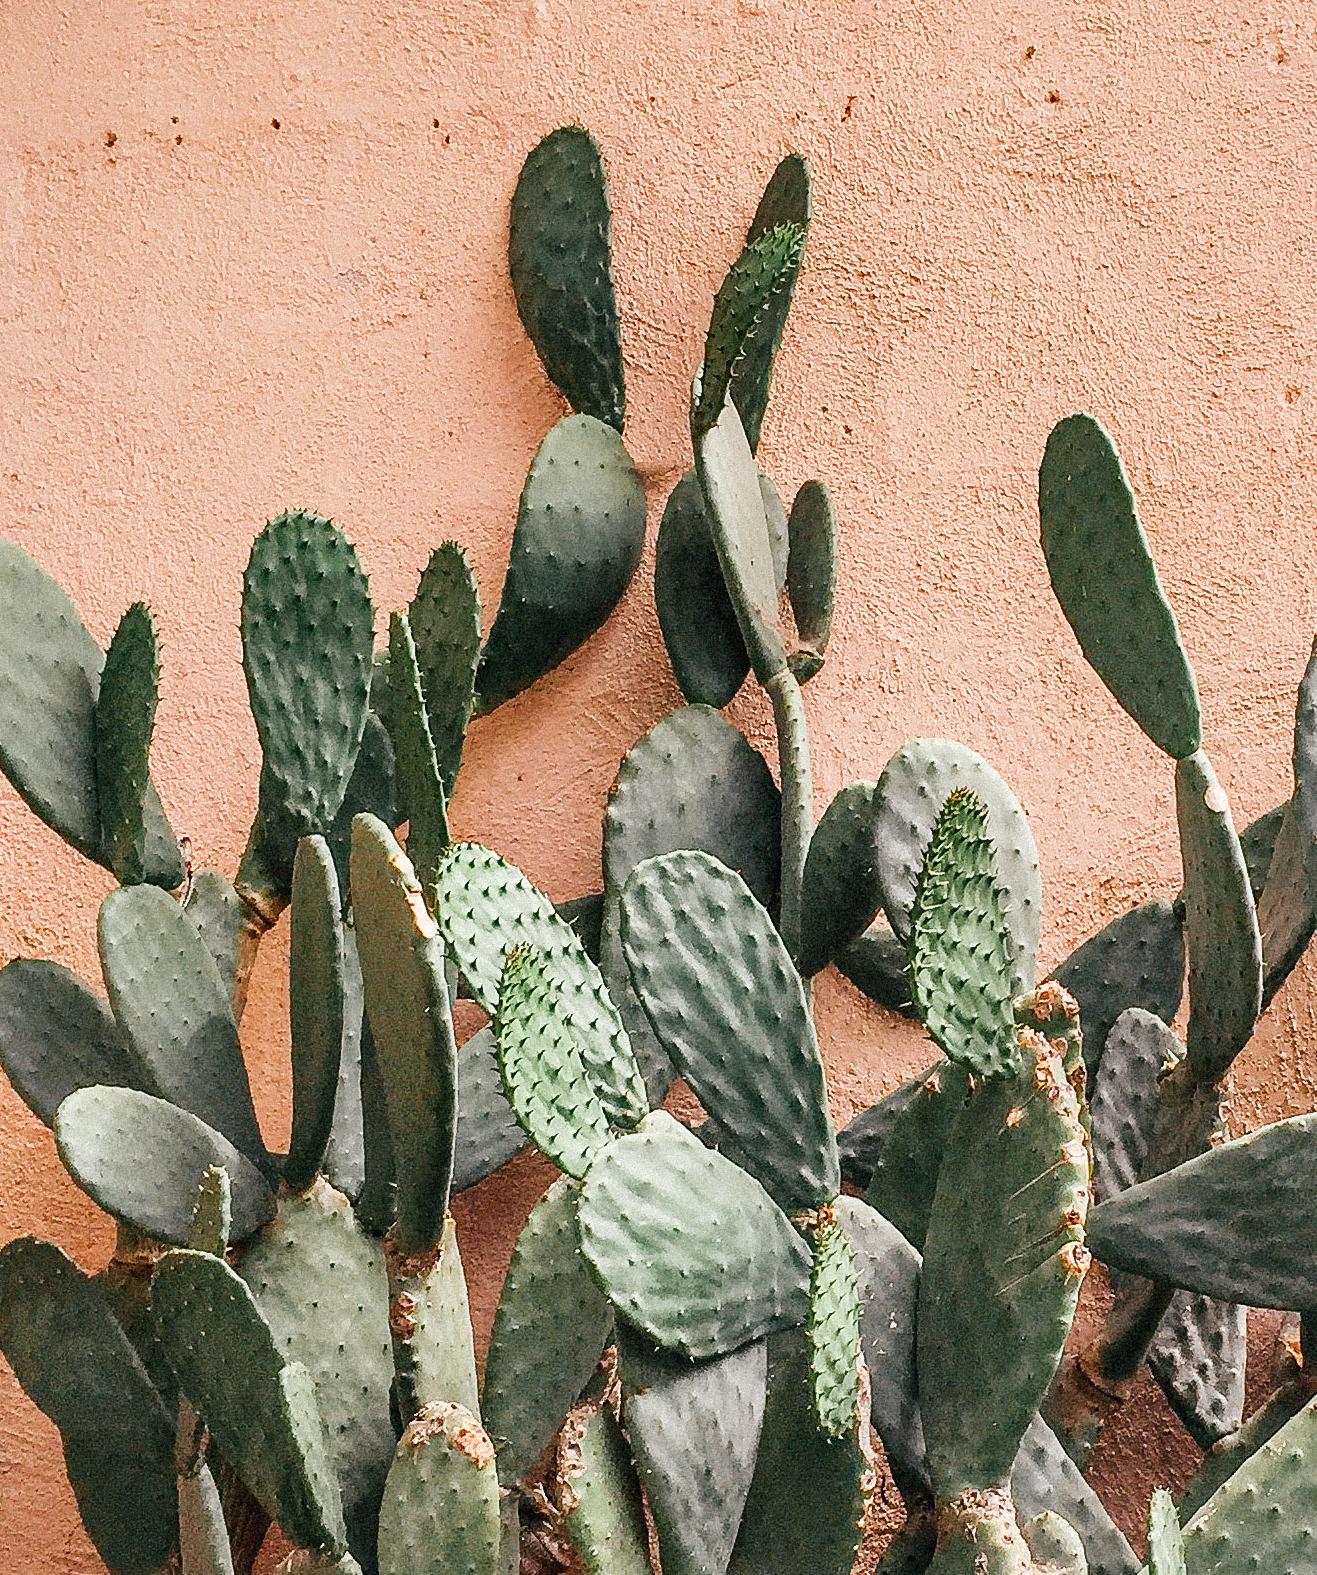 Cactus By JustinaBlakeney